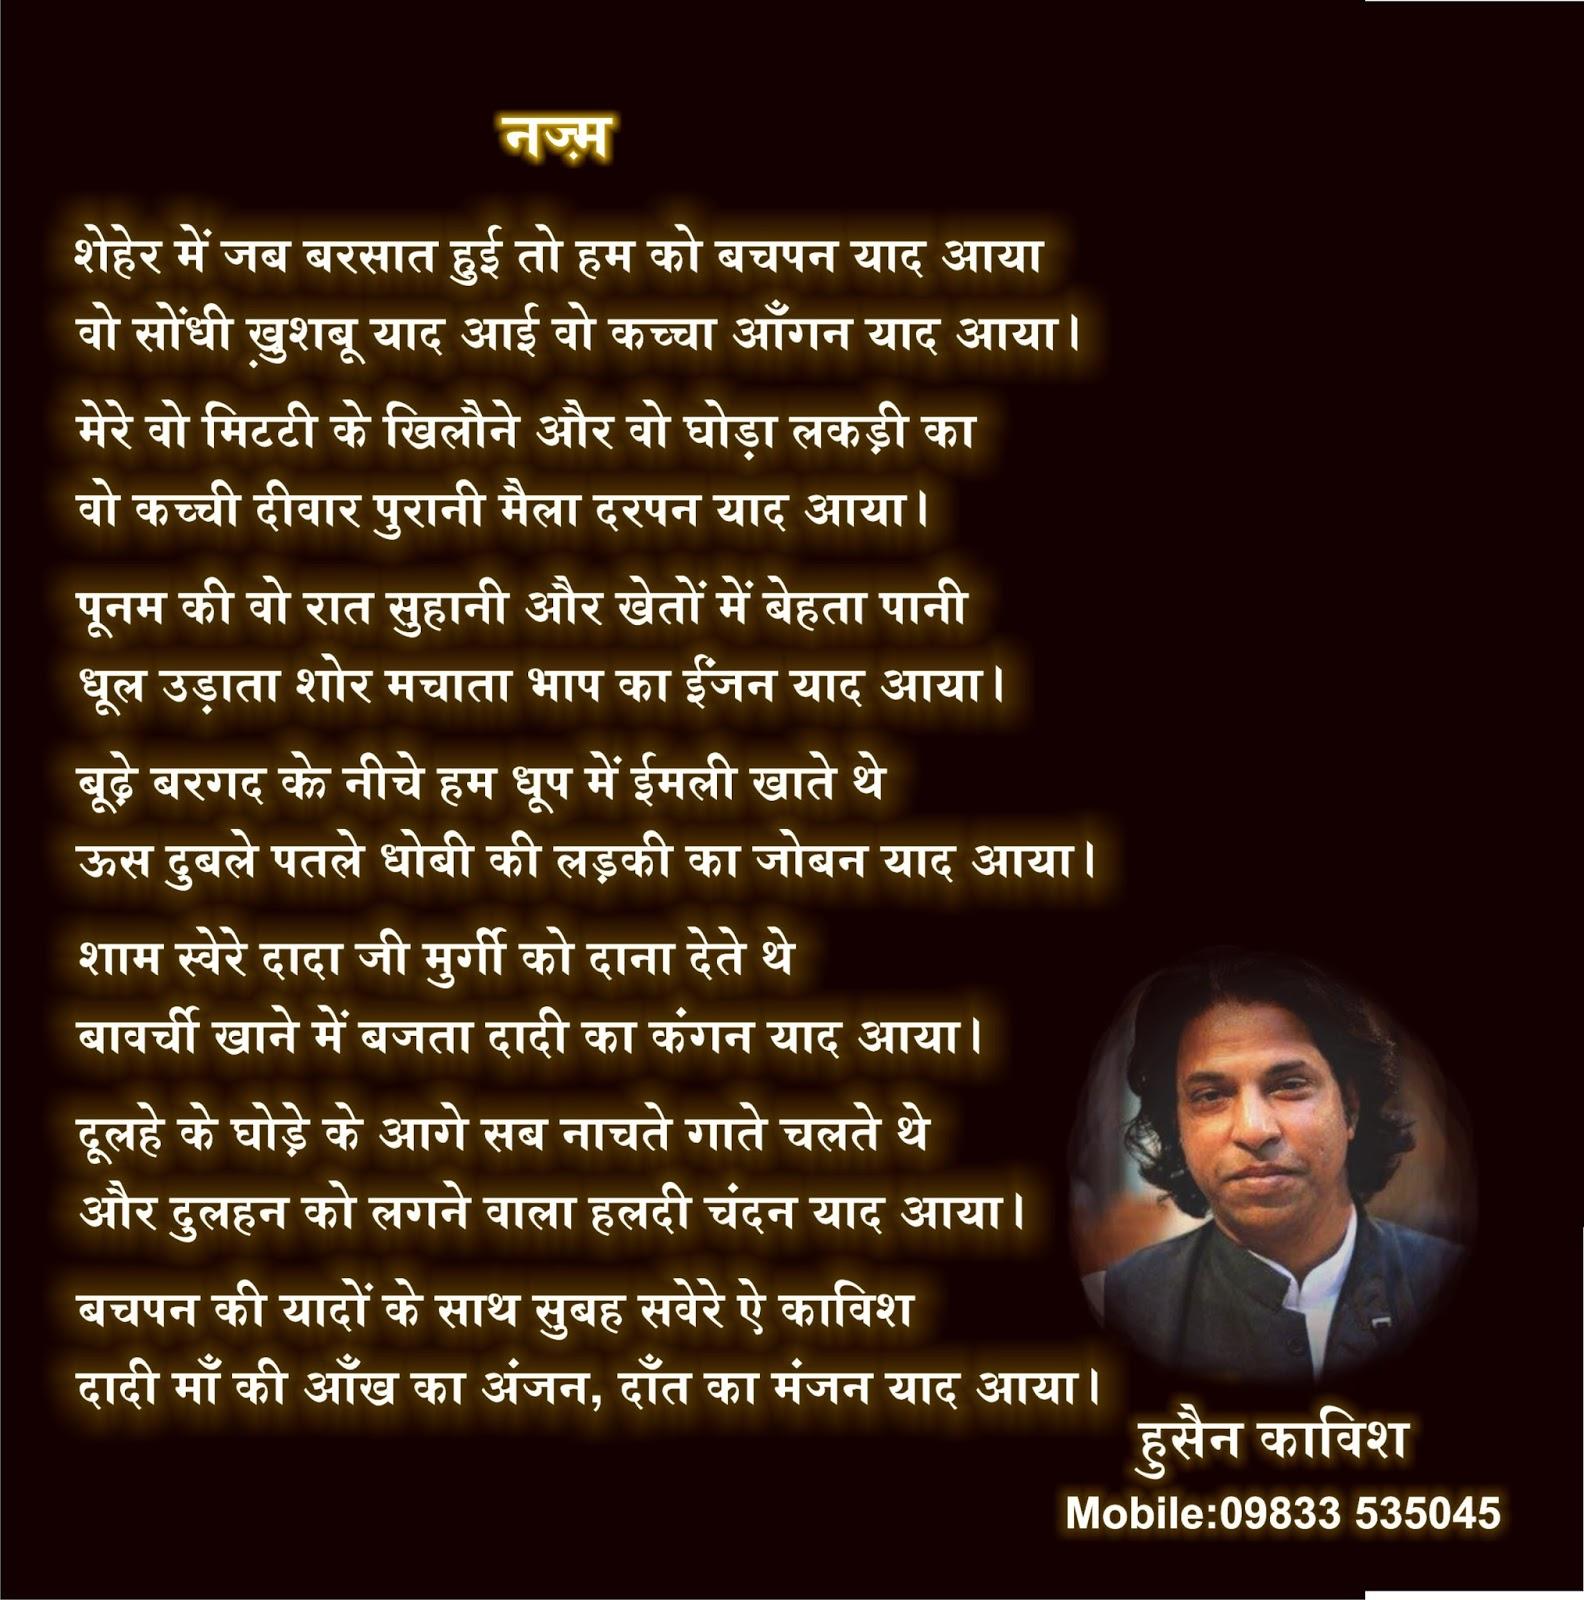 Hussain kavish hussain kavish urdu shayeri urdu poetry urdu sad hussain kavish urdu shayeri urdu poetry urdu sad poetry hindi shyeri hindi sad poetry thecheapjerseys Choice Image